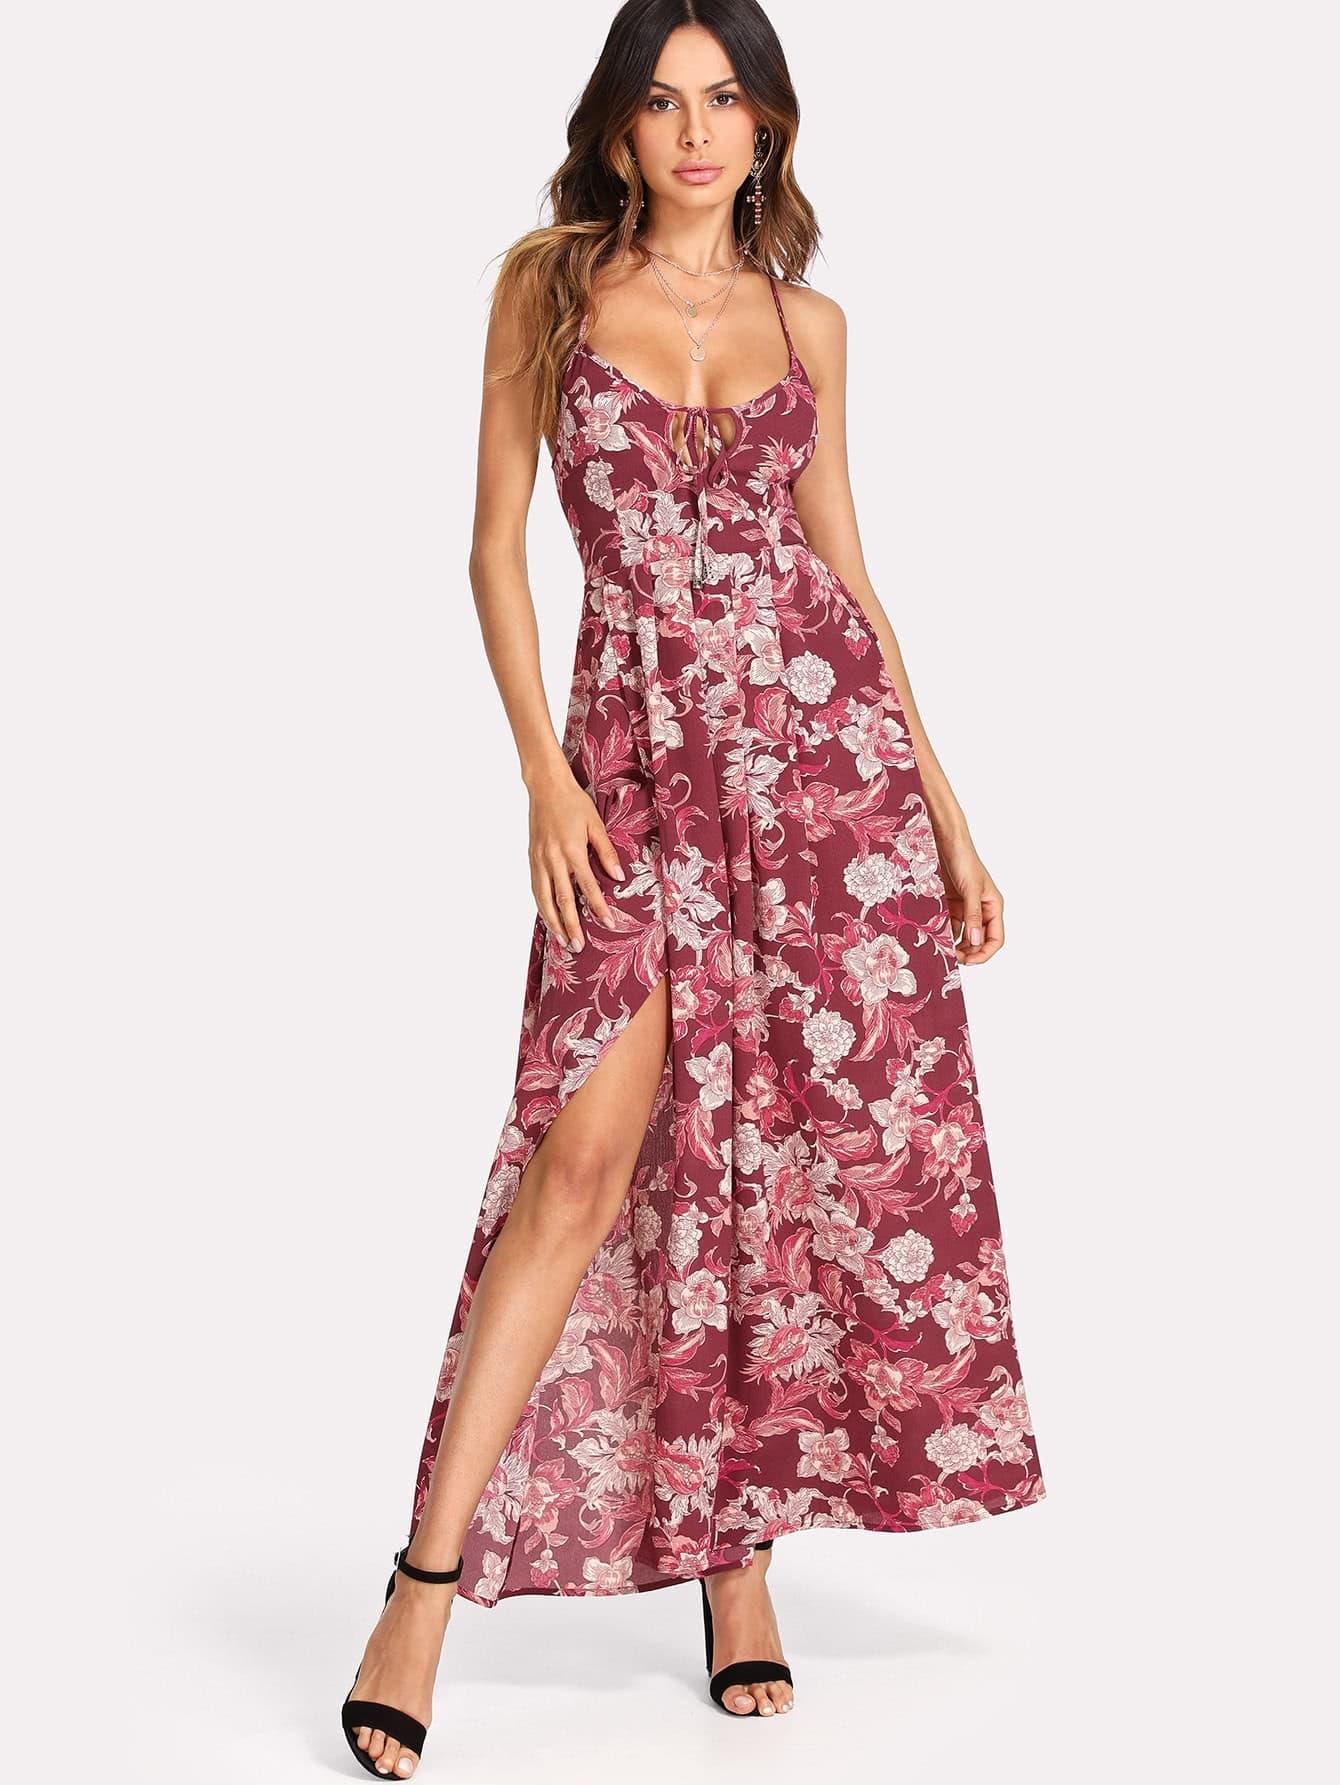 Strappy Back Split Side Floral Dress floral print split side dress